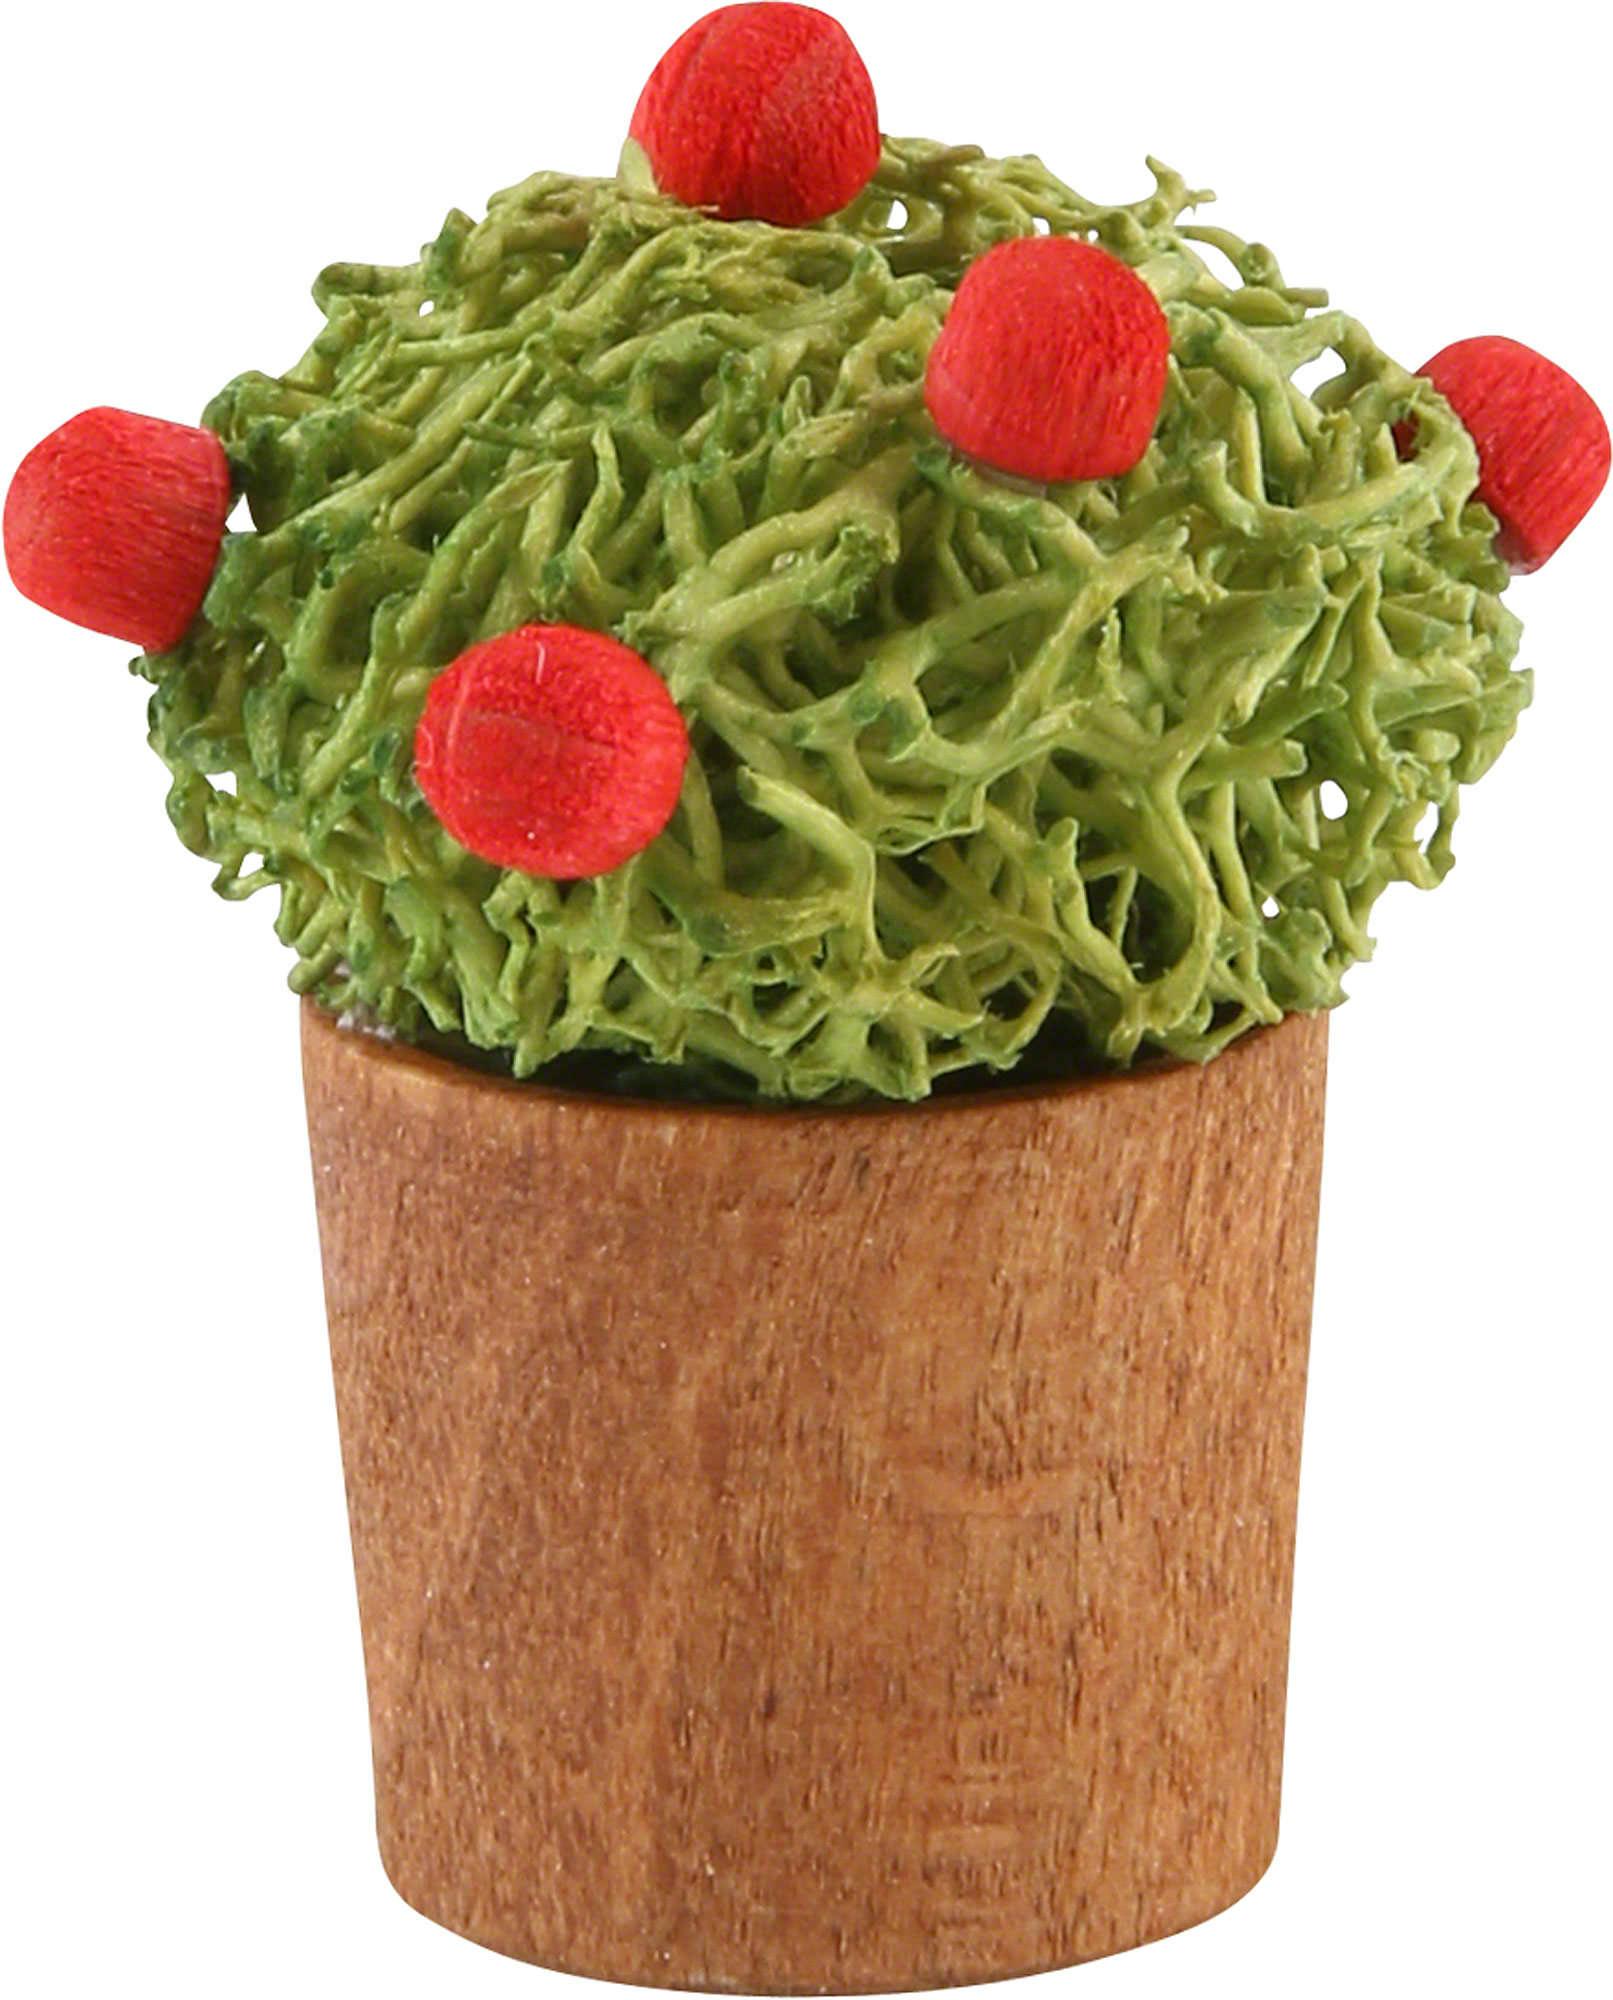 Blumentopf mit knospen 3 cm von g nter reichel for Blumentopf dekoration